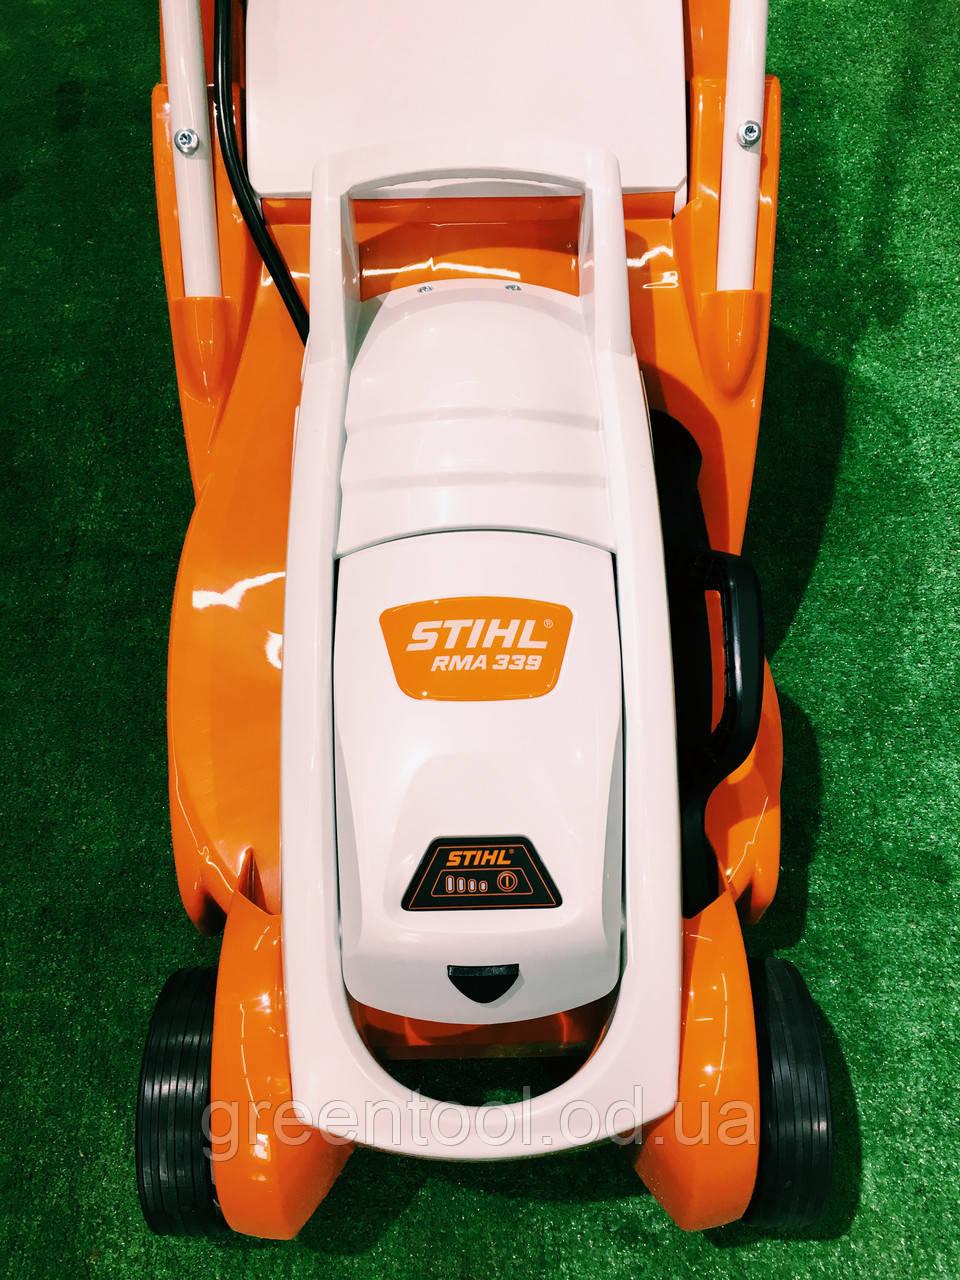 Аккумуляторная газонокосилка STIHL RMA 339 каркас